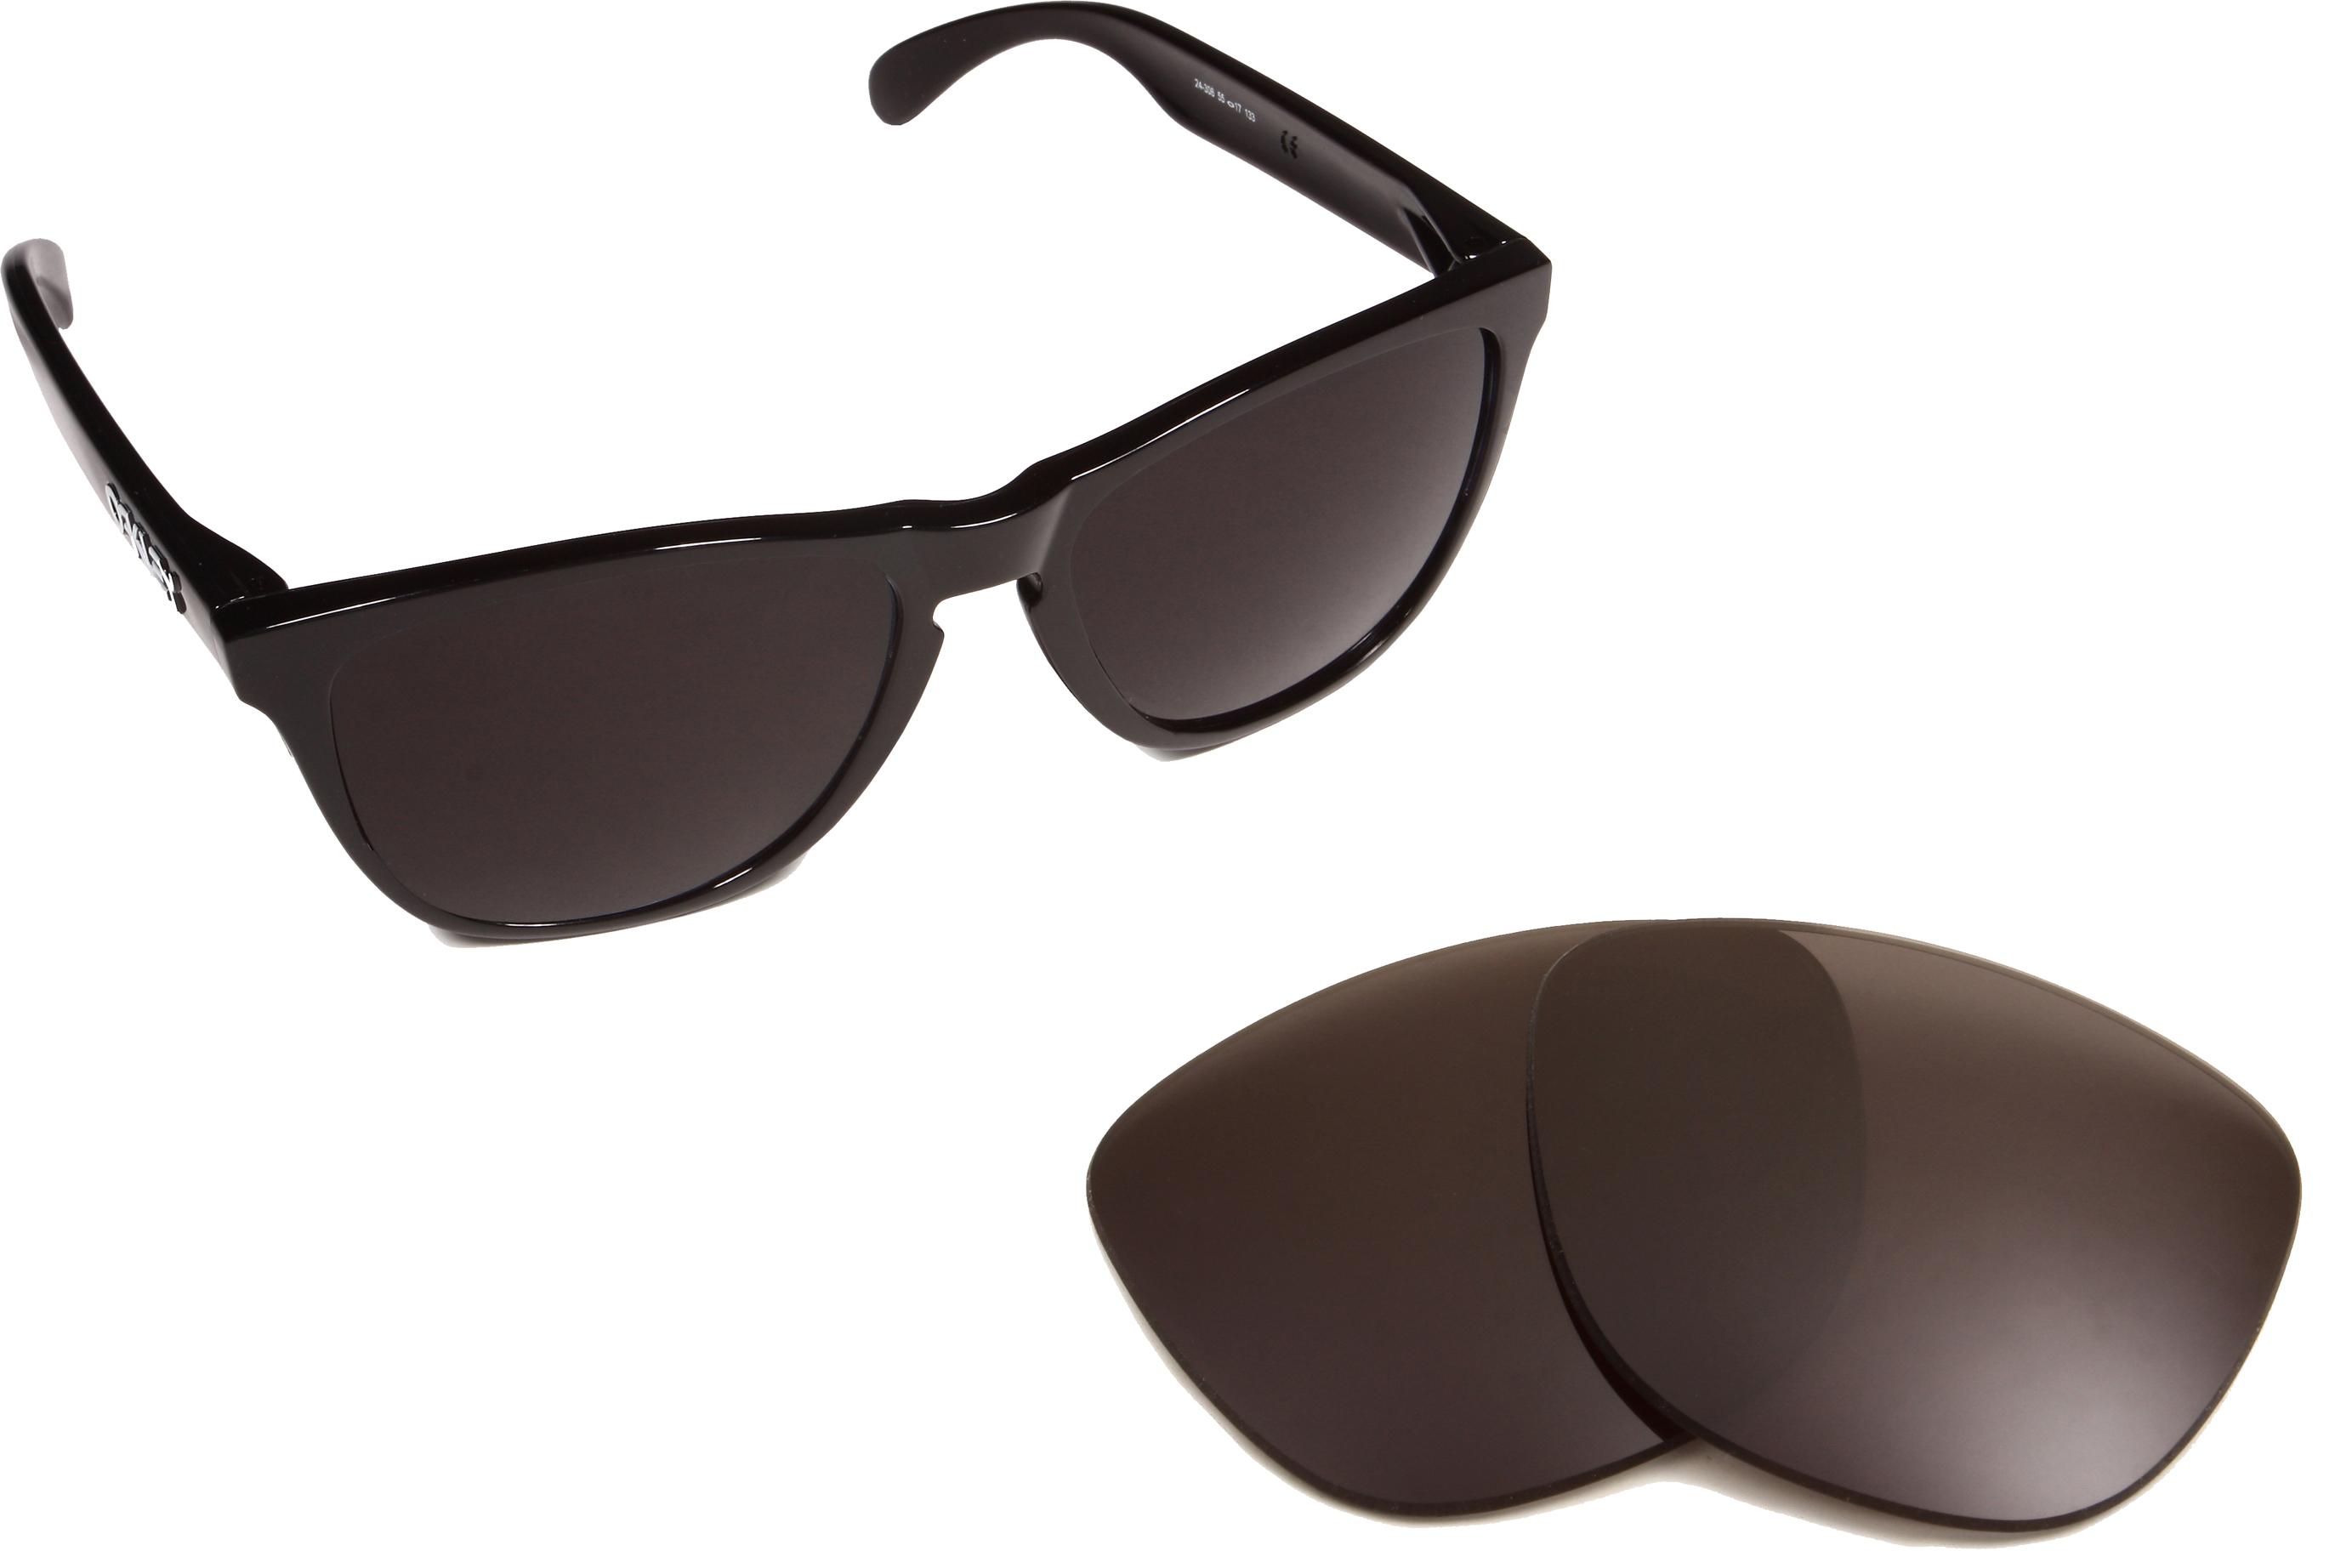 oakley sunglasses lifetime warranty